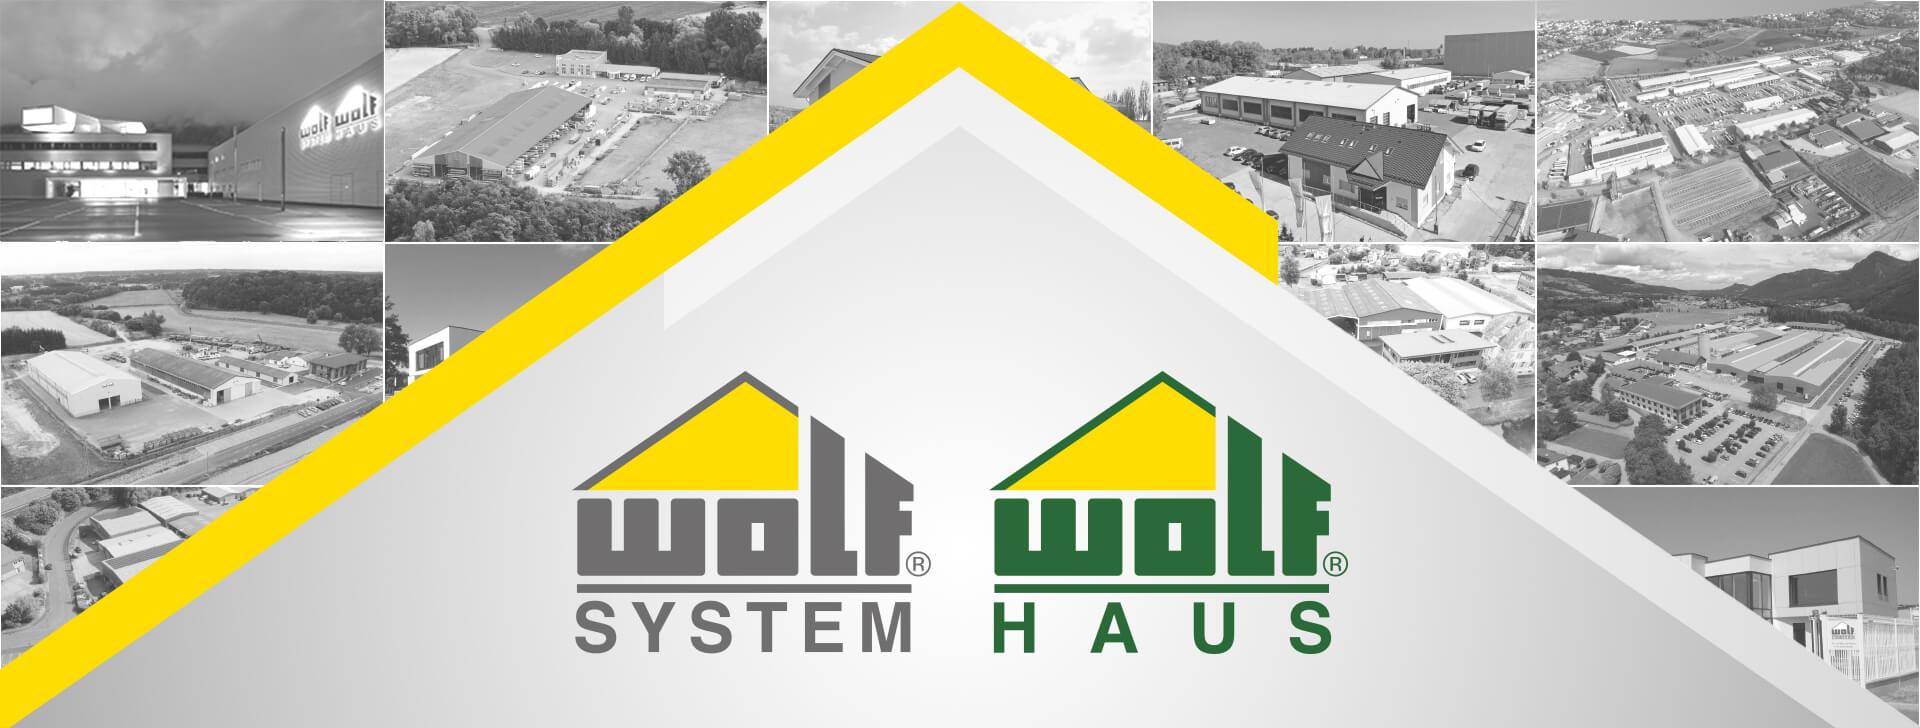 konzern wolf haus fertigteilhaus hallenbau beh lterbau. Black Bedroom Furniture Sets. Home Design Ideas